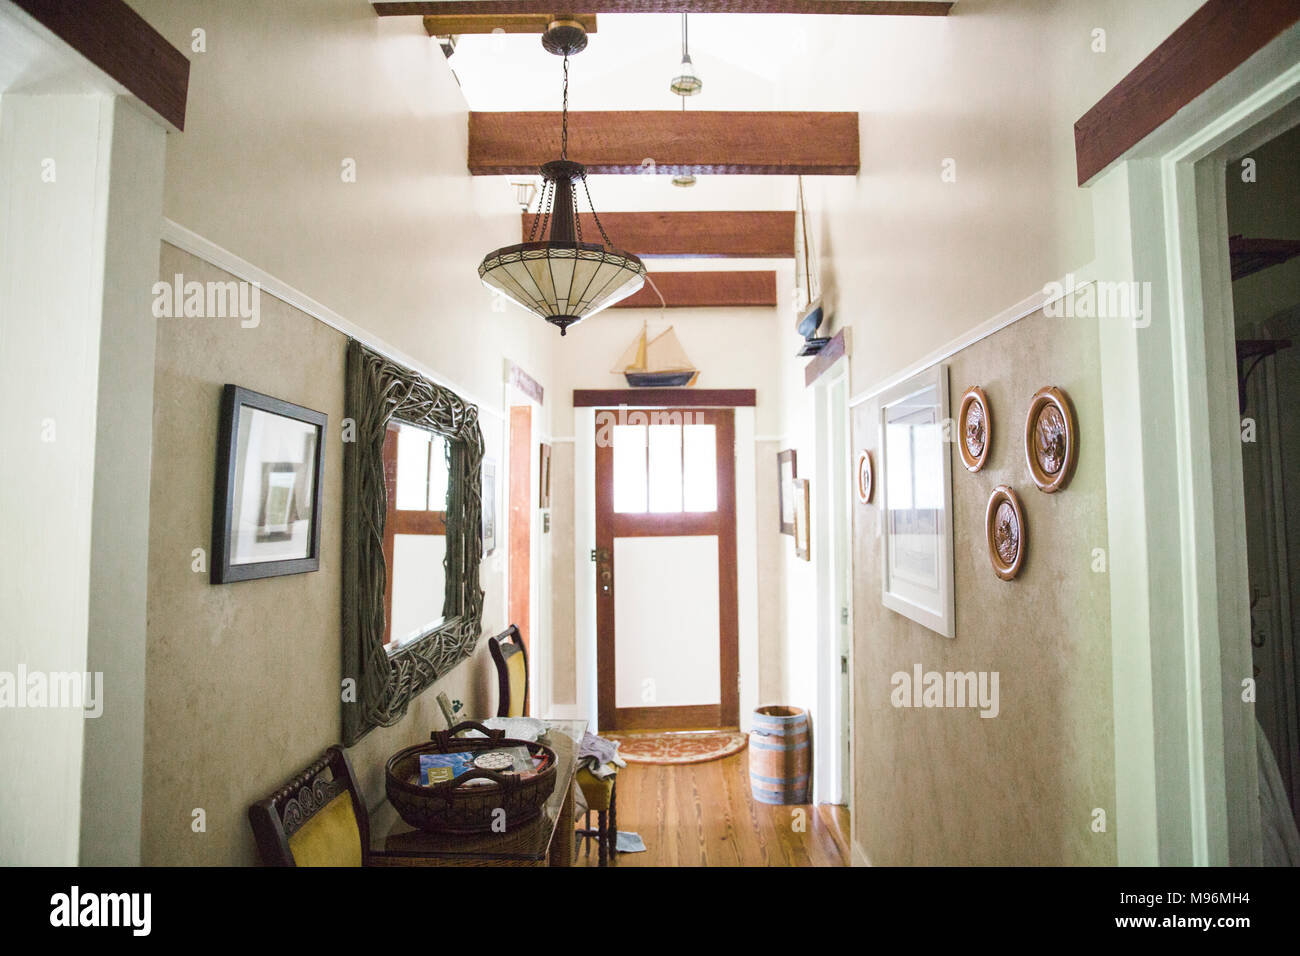 Pasillo/Entrada en casa de familia Imagen De Stock